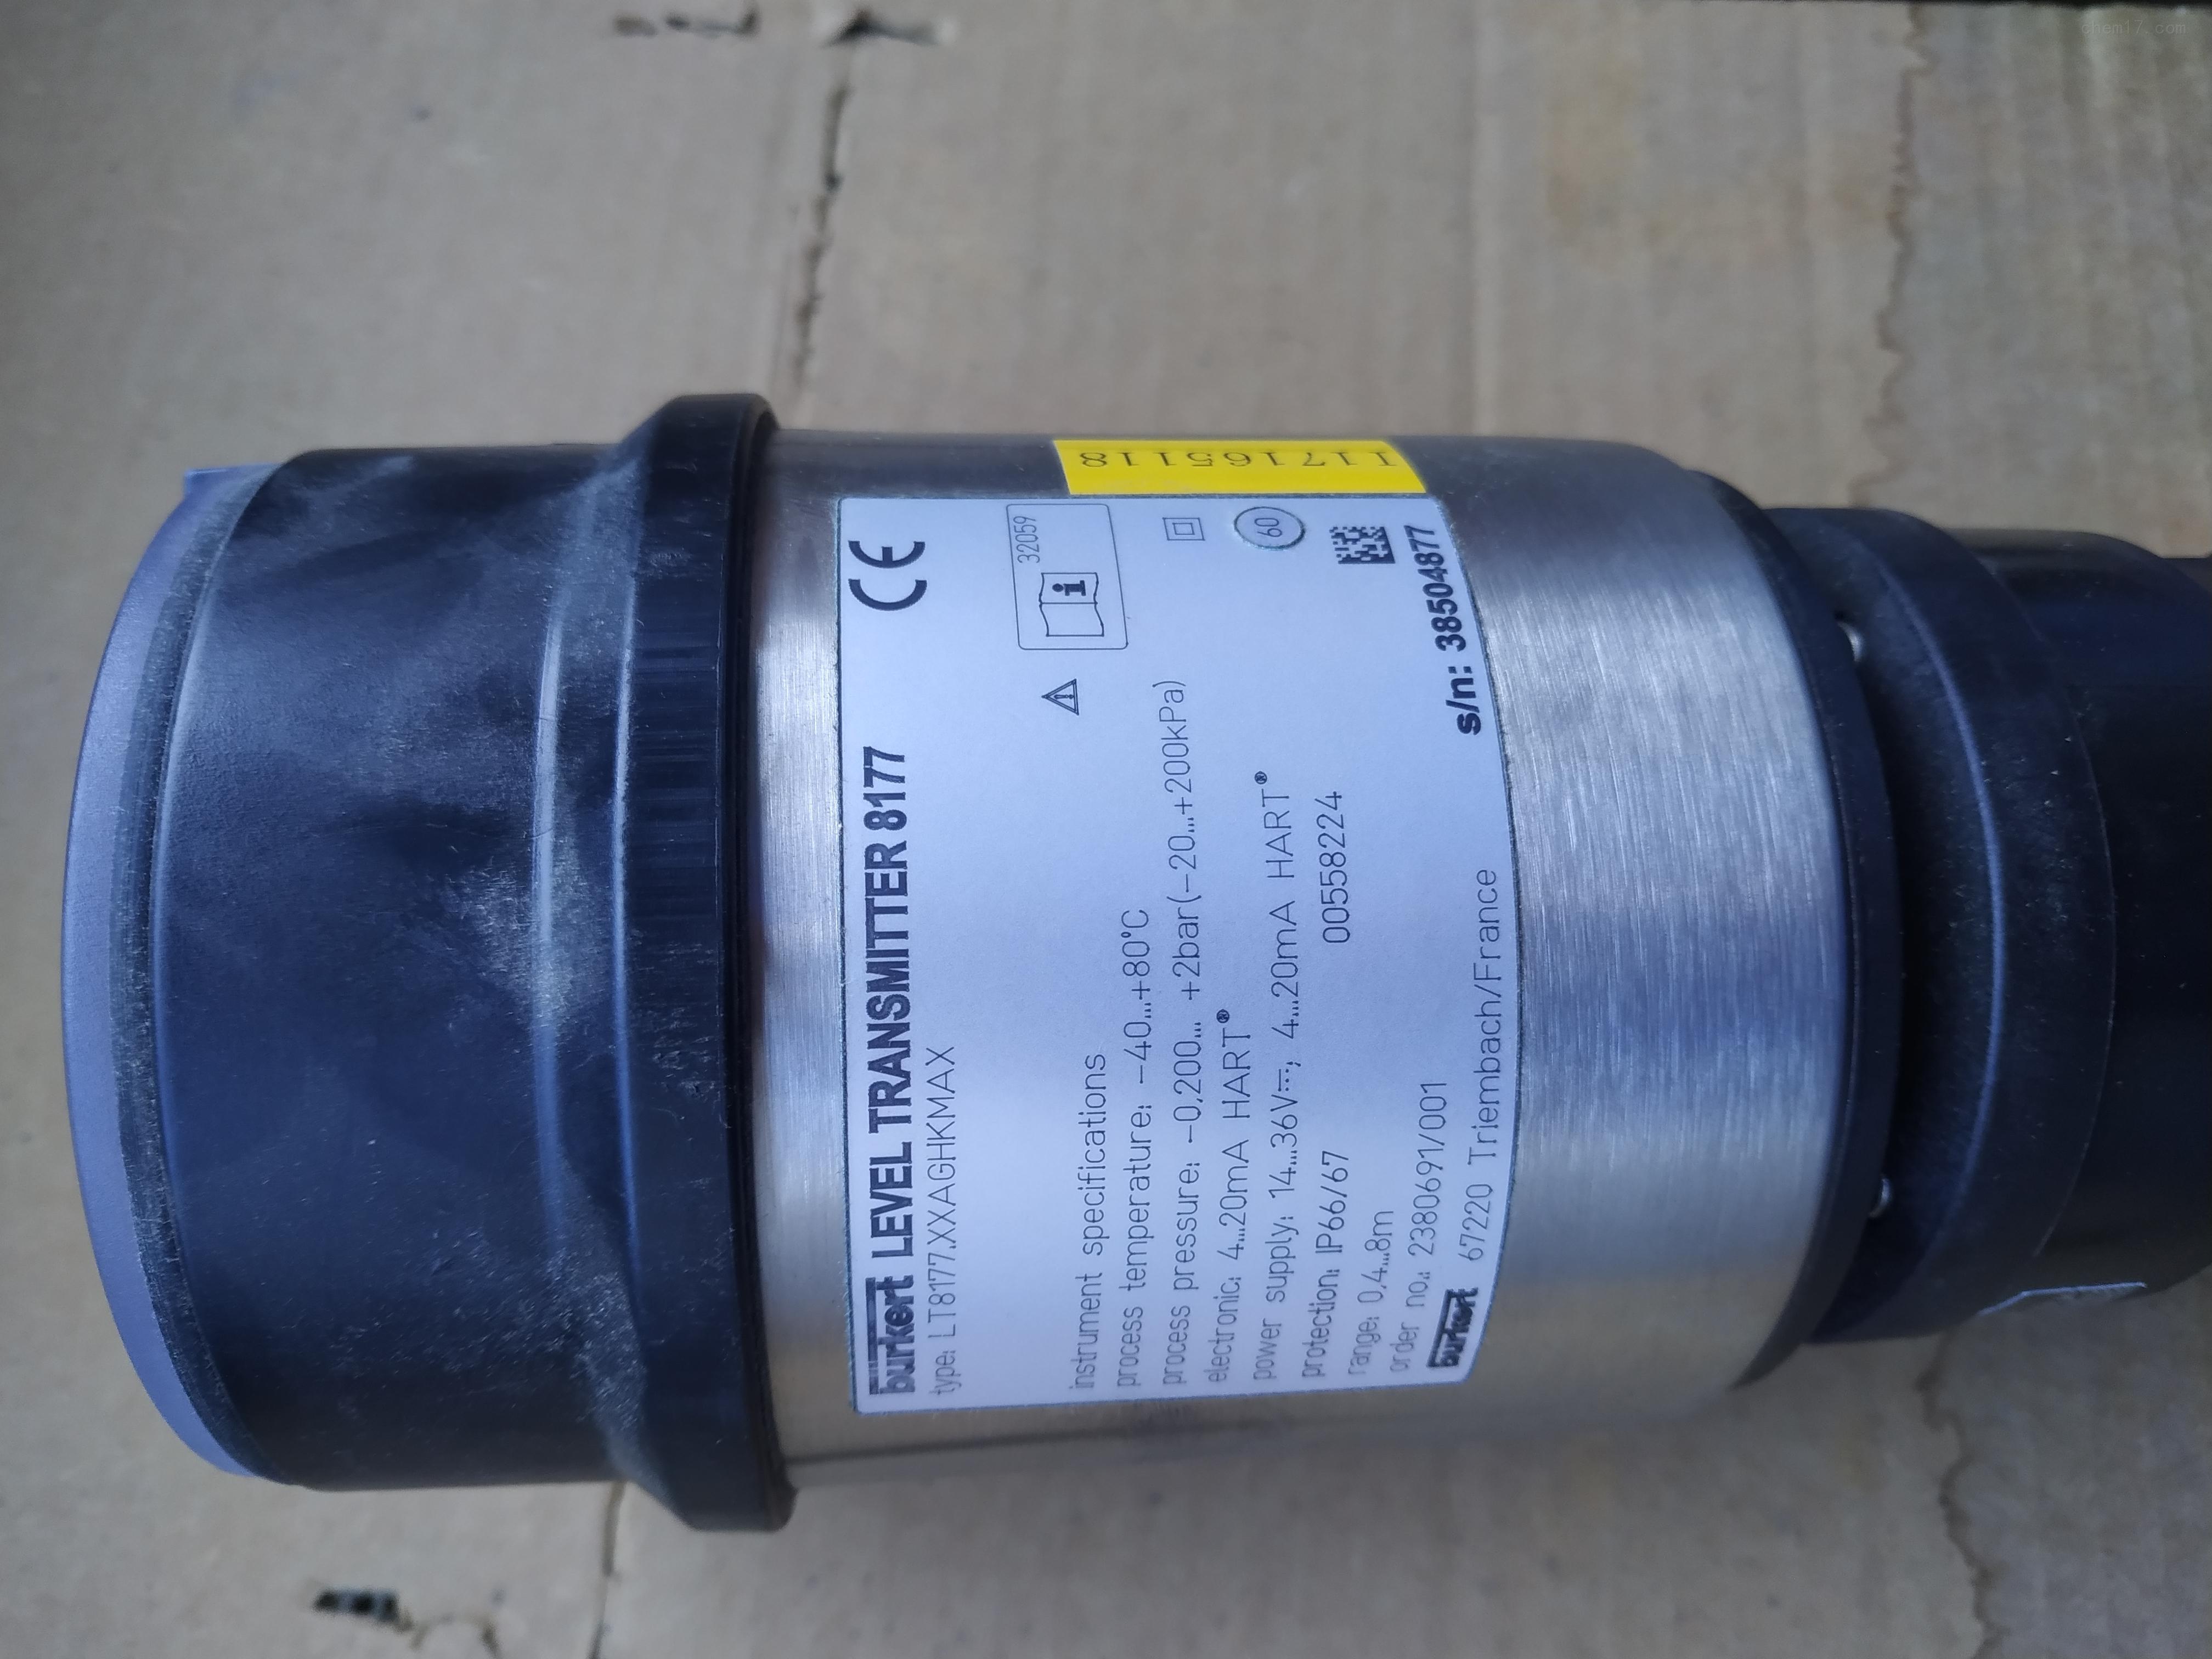 宝德液位测量仪Burkert 8177型超声波液位计